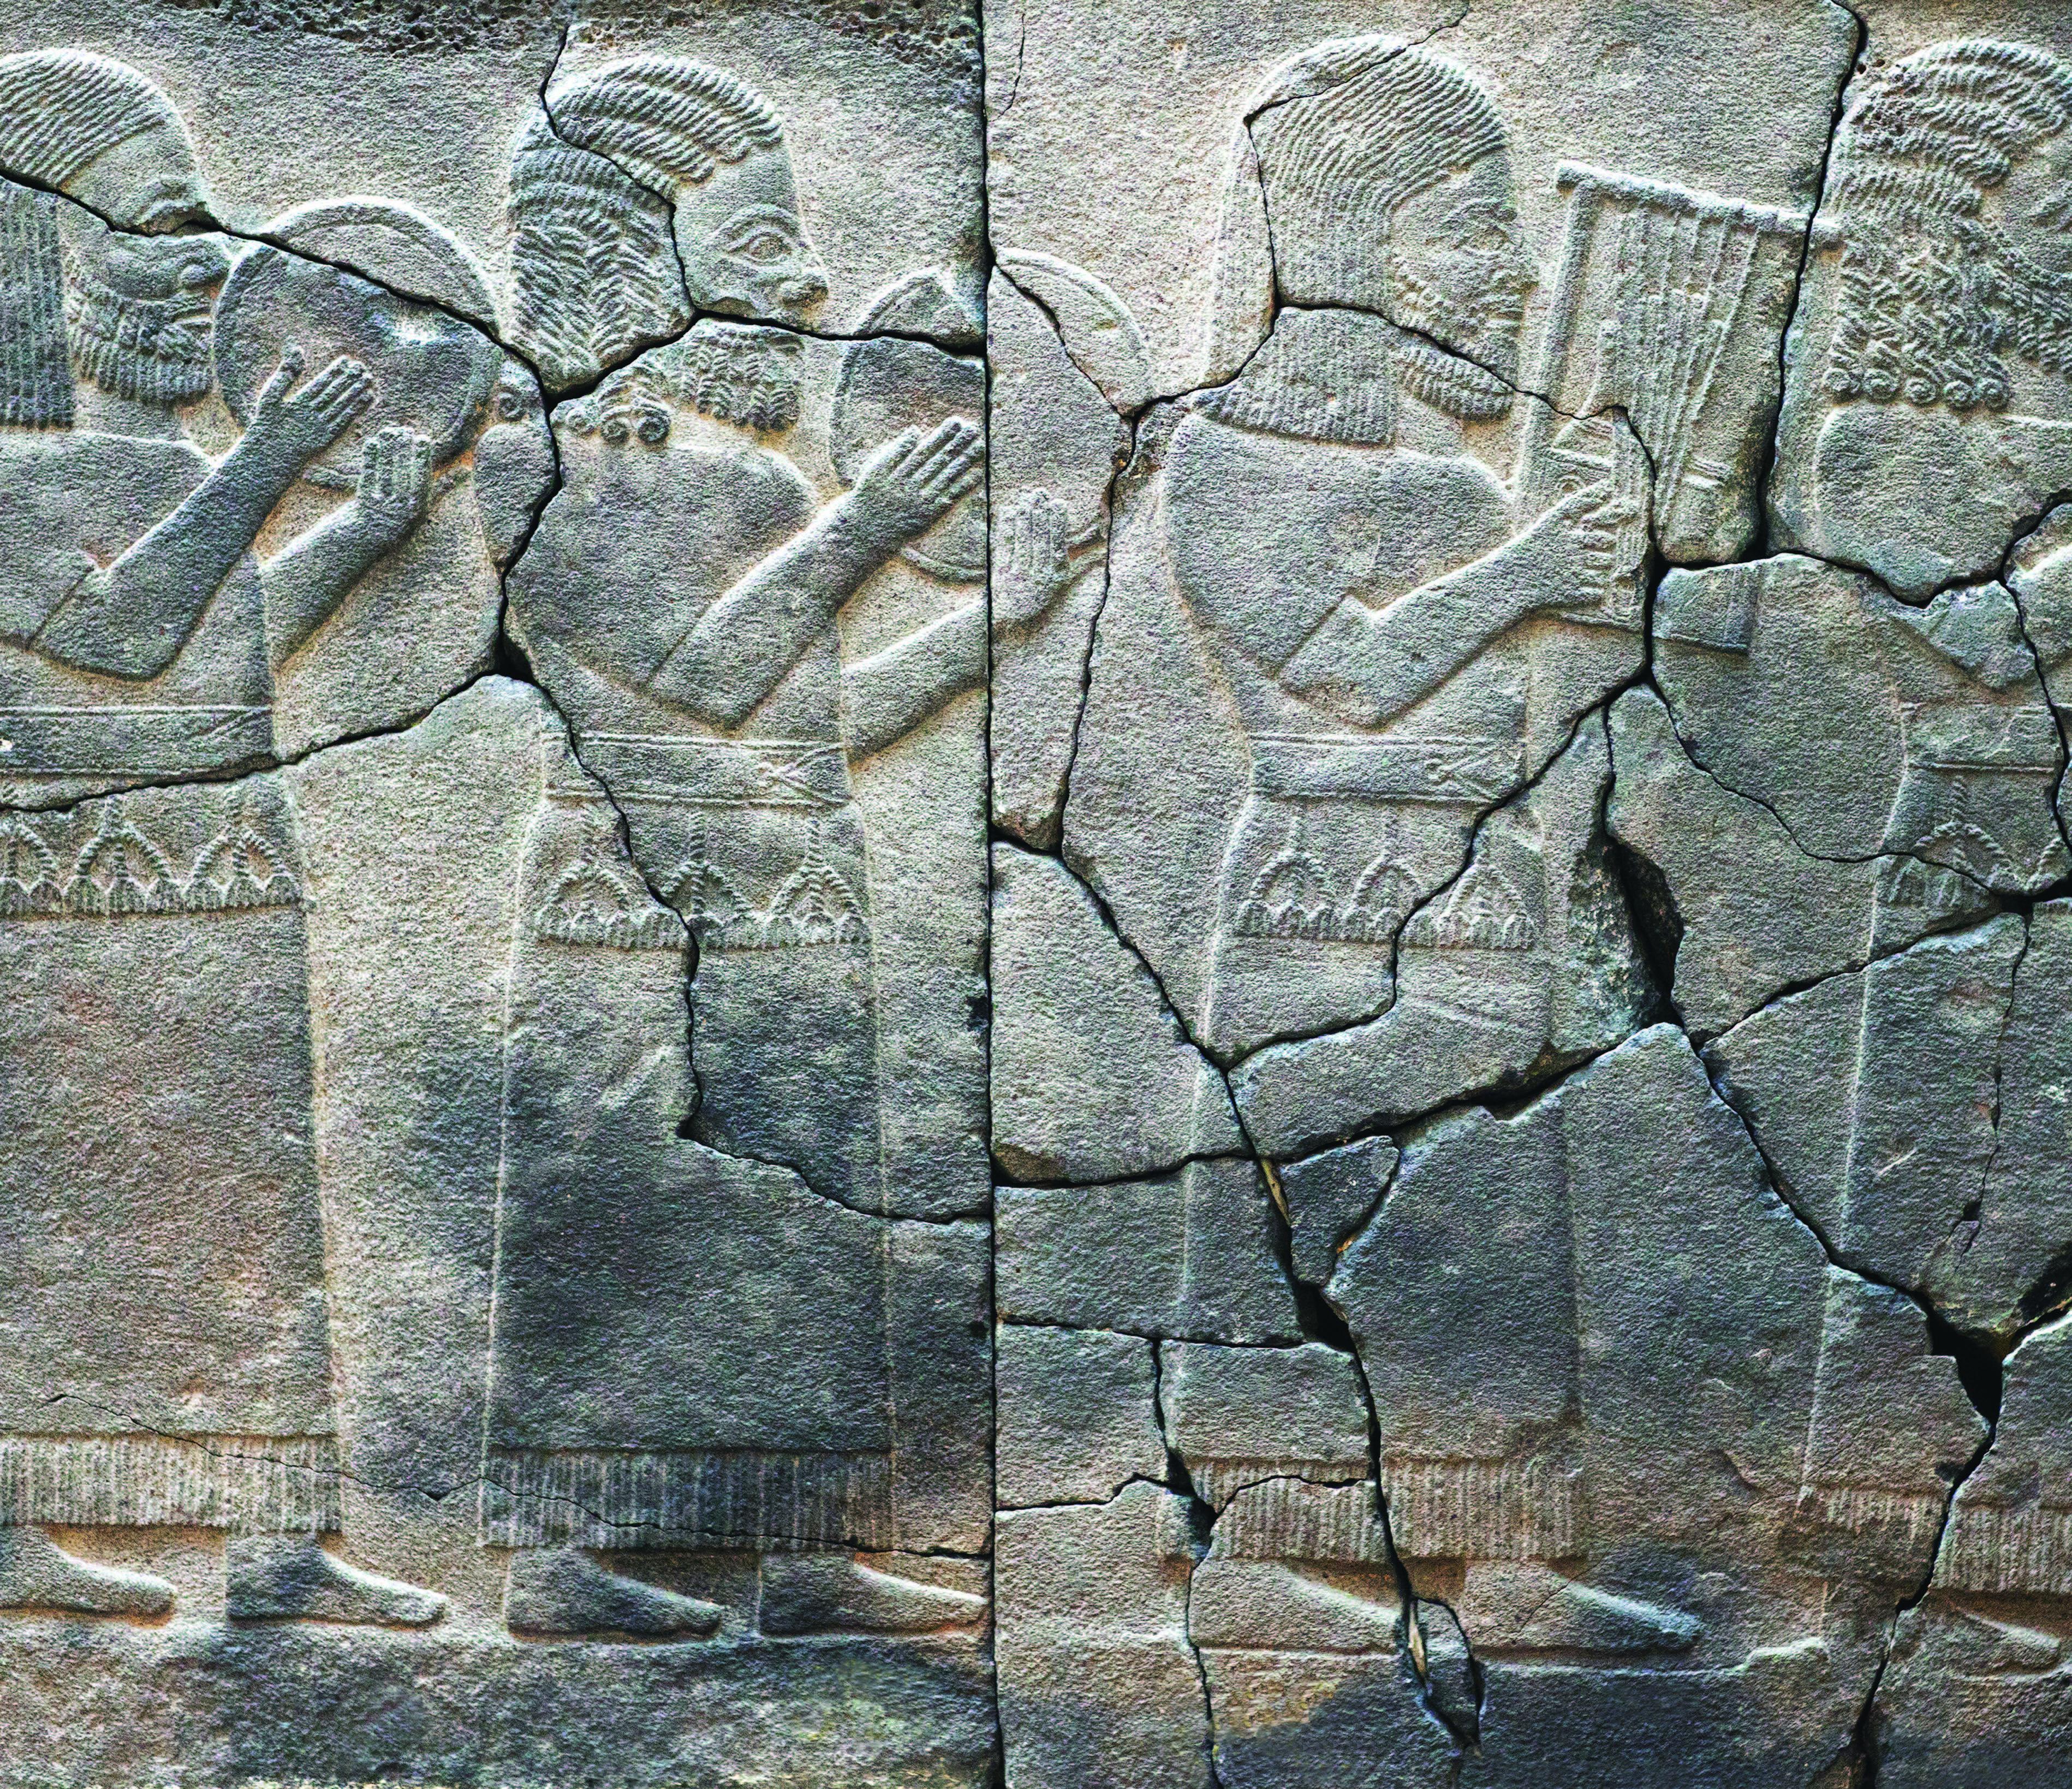 Güneydoğu Anadolu'daki Geç Hitit kent devletlerinden biri olan Zincirli [Sam'al], Hitit müzisyenleri. İstanbul Arkeoloji Müzeleri